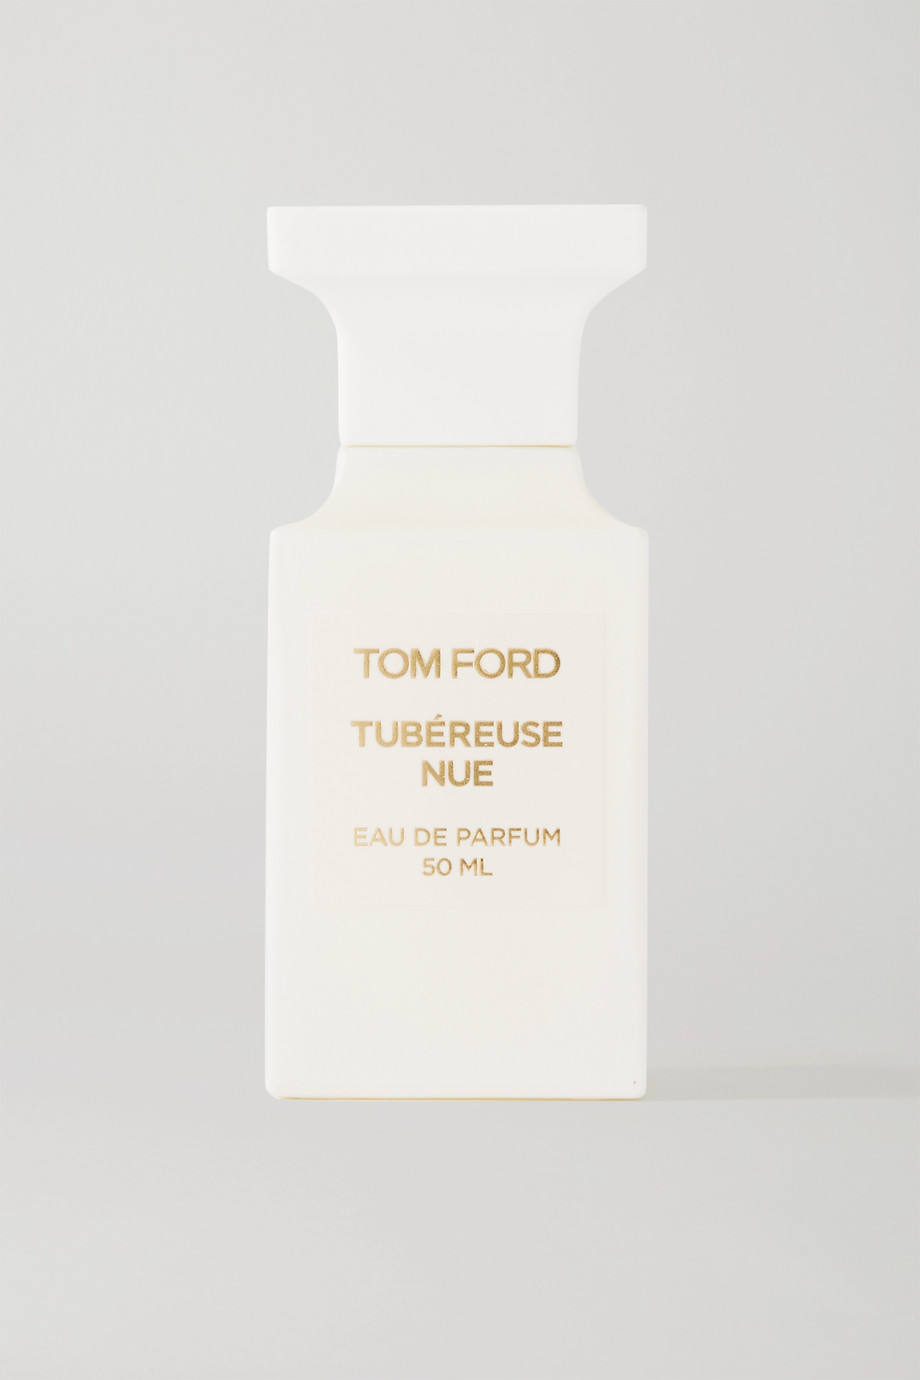 TOM FORD BEAUTY Tubéreuse Nue, 50 ml – Eau de Parfum